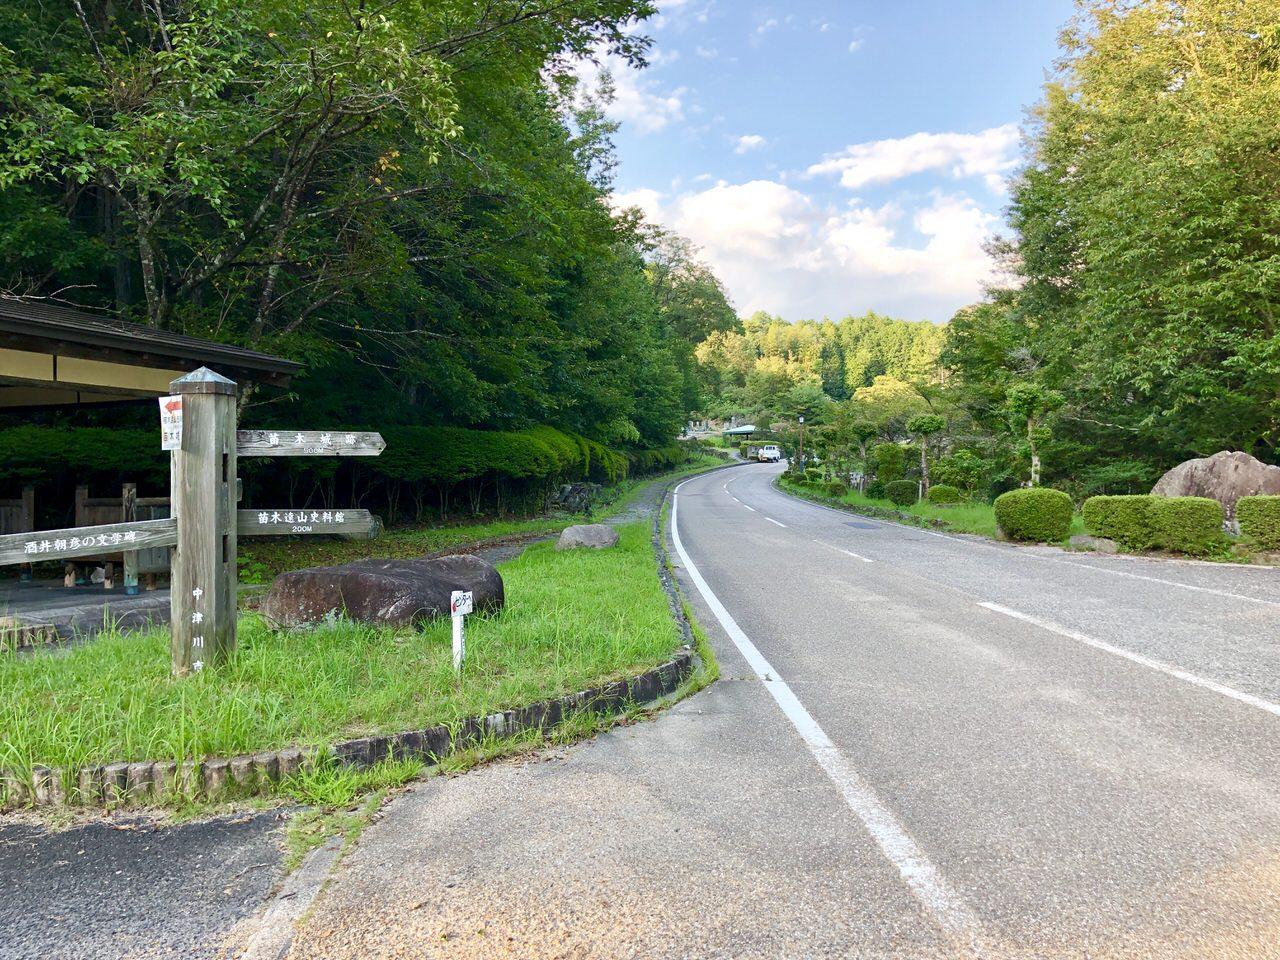 苗木城まで歩く道